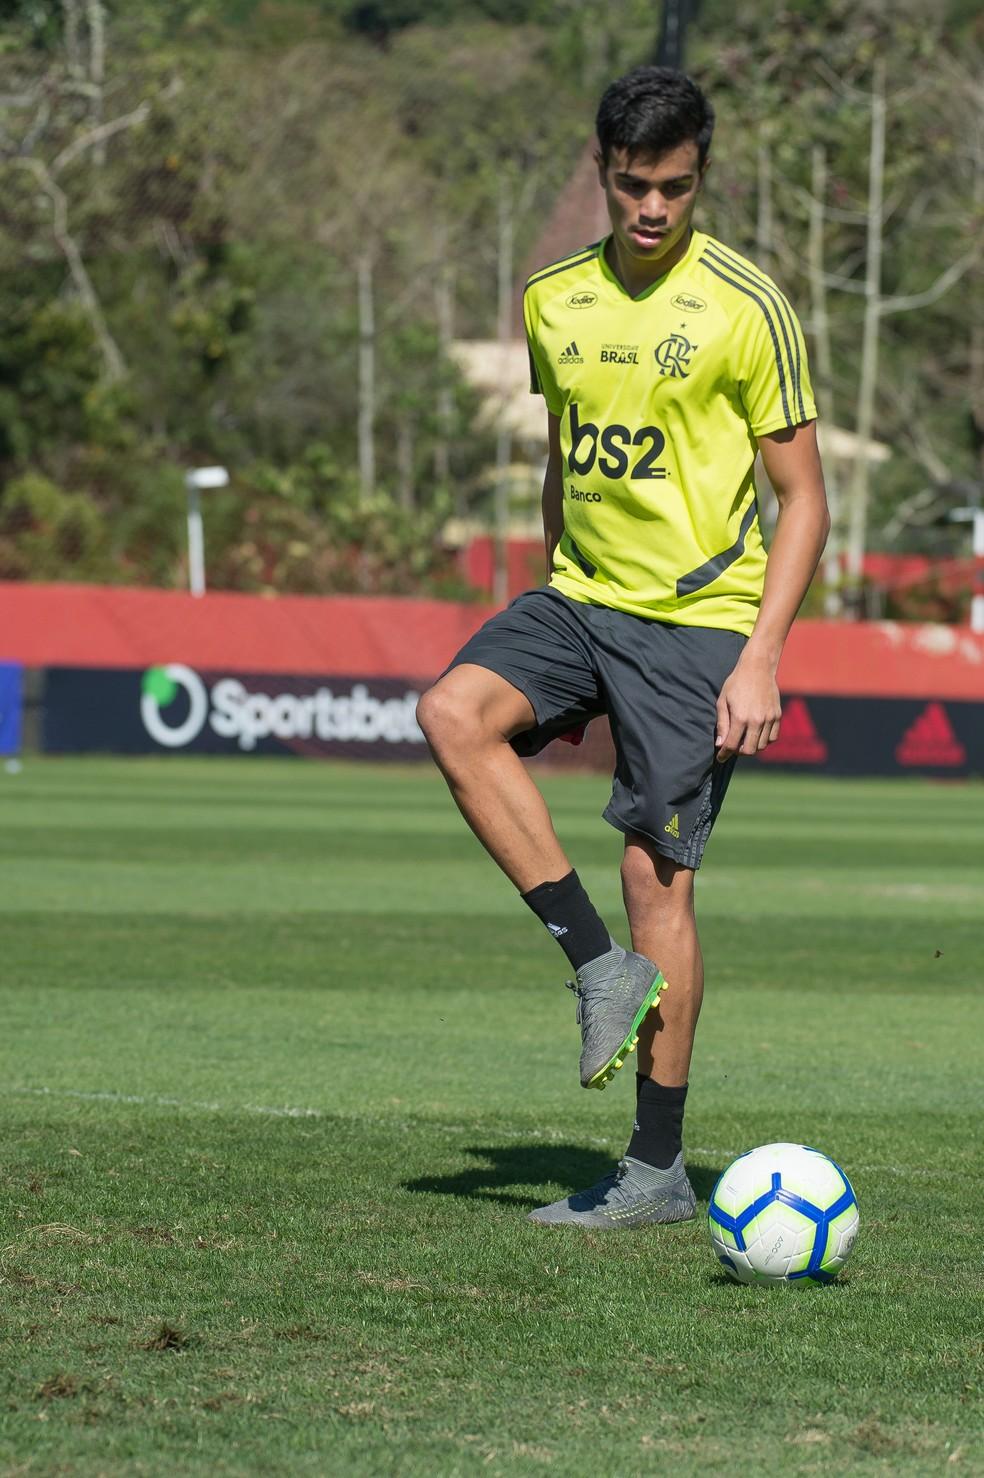 Reinier foi integrado ao elenco profissional e é cobiçado na Europa — Foto: Alexandre Vidal/Flamengo